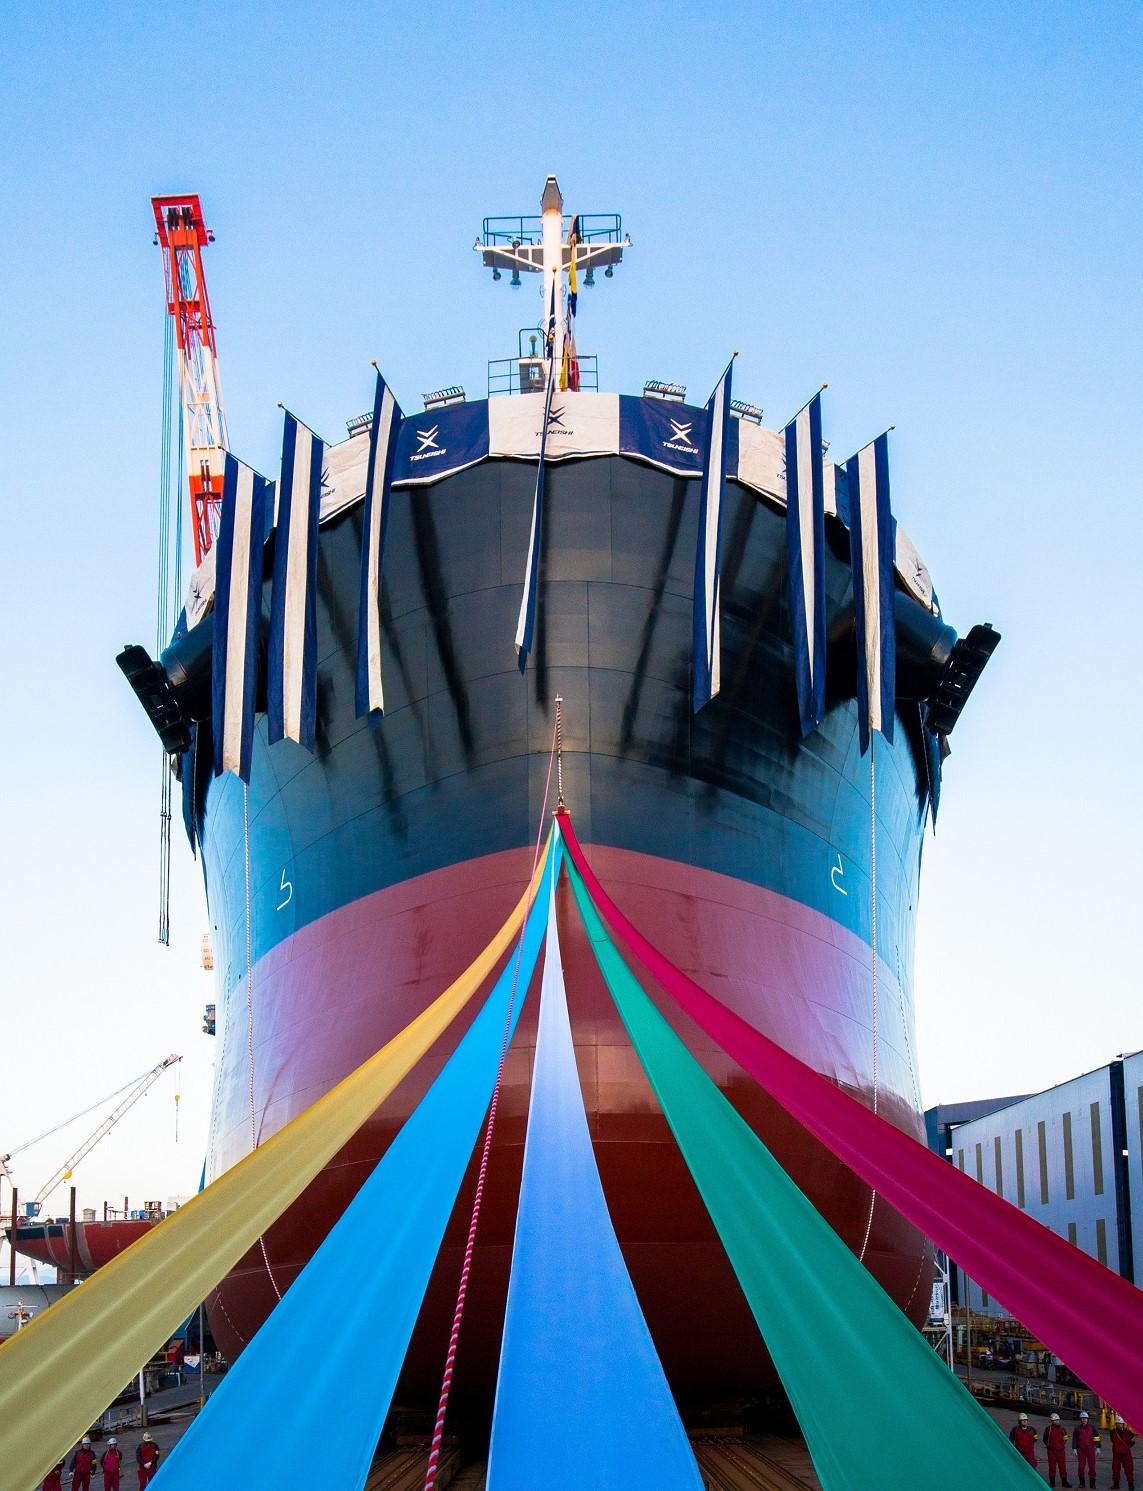 常石造船 2018年7月6日、8万トン級バルカーの進水式を一般公開